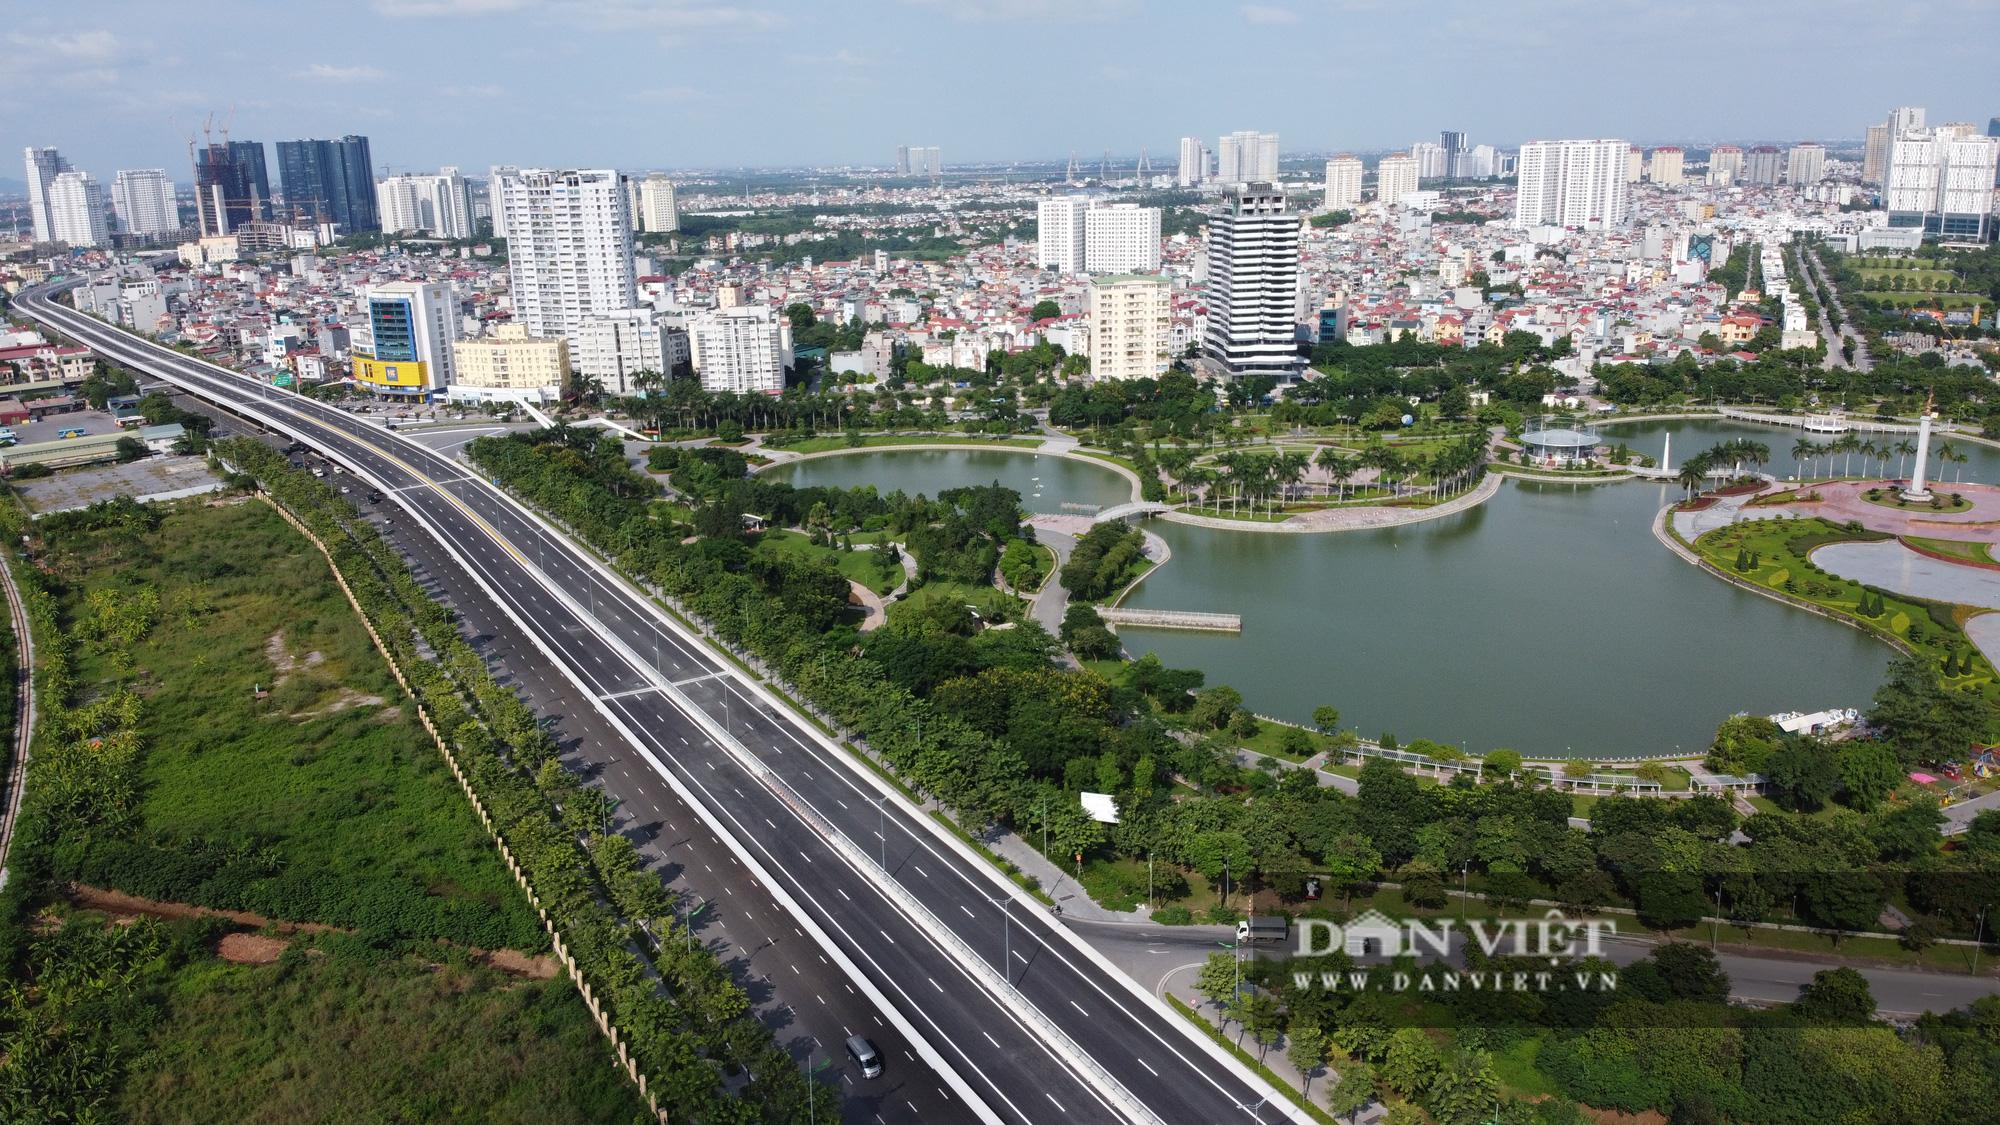 Điểm mặt những tuyến đường nhiều tầng cây xanh ở Hà Nội - Ảnh 1.